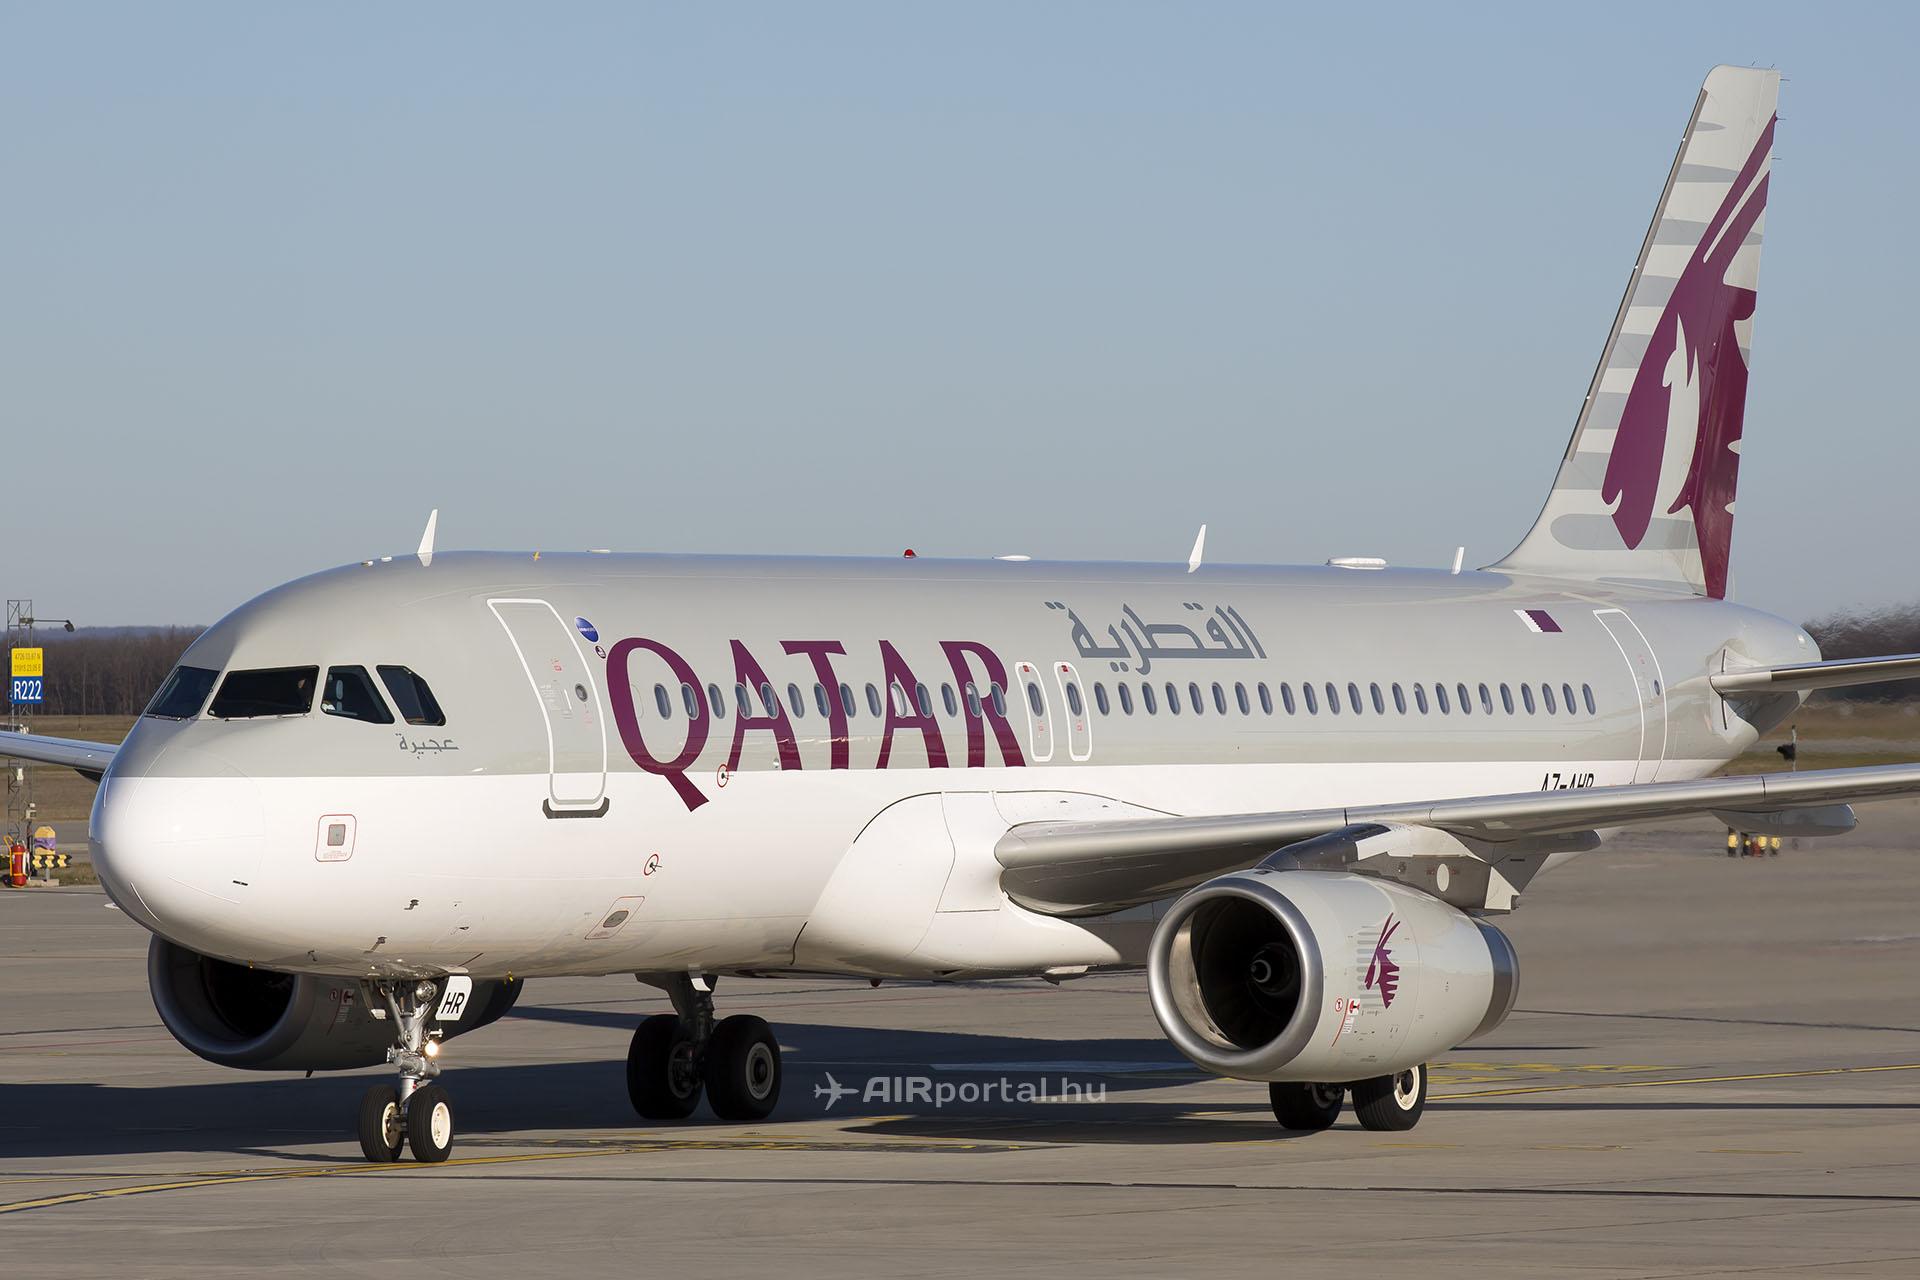 A Qatar Airways Airbus A320-as repülőgépe Budapesten. (Fotó: AIRportal.hu) | © AIRportal.hu